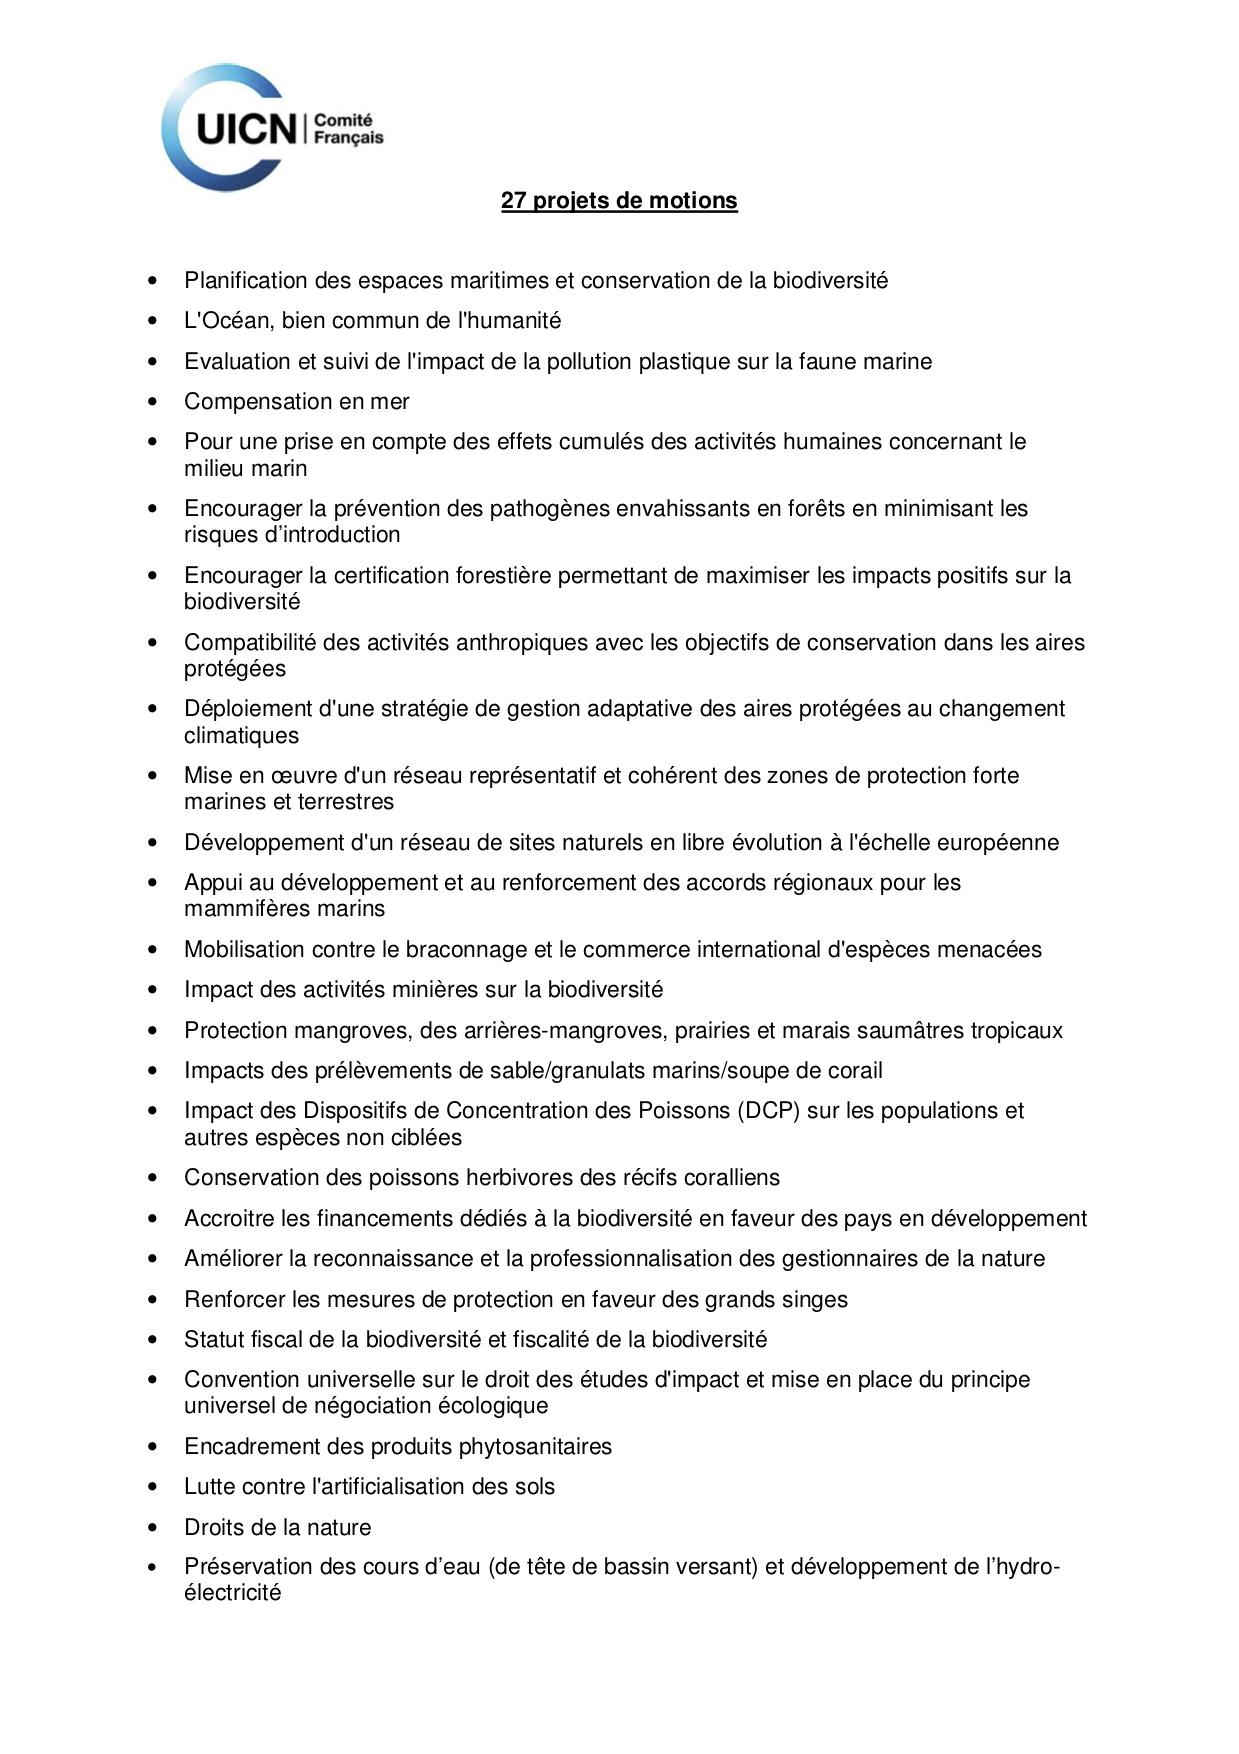 projets-de-motions-2